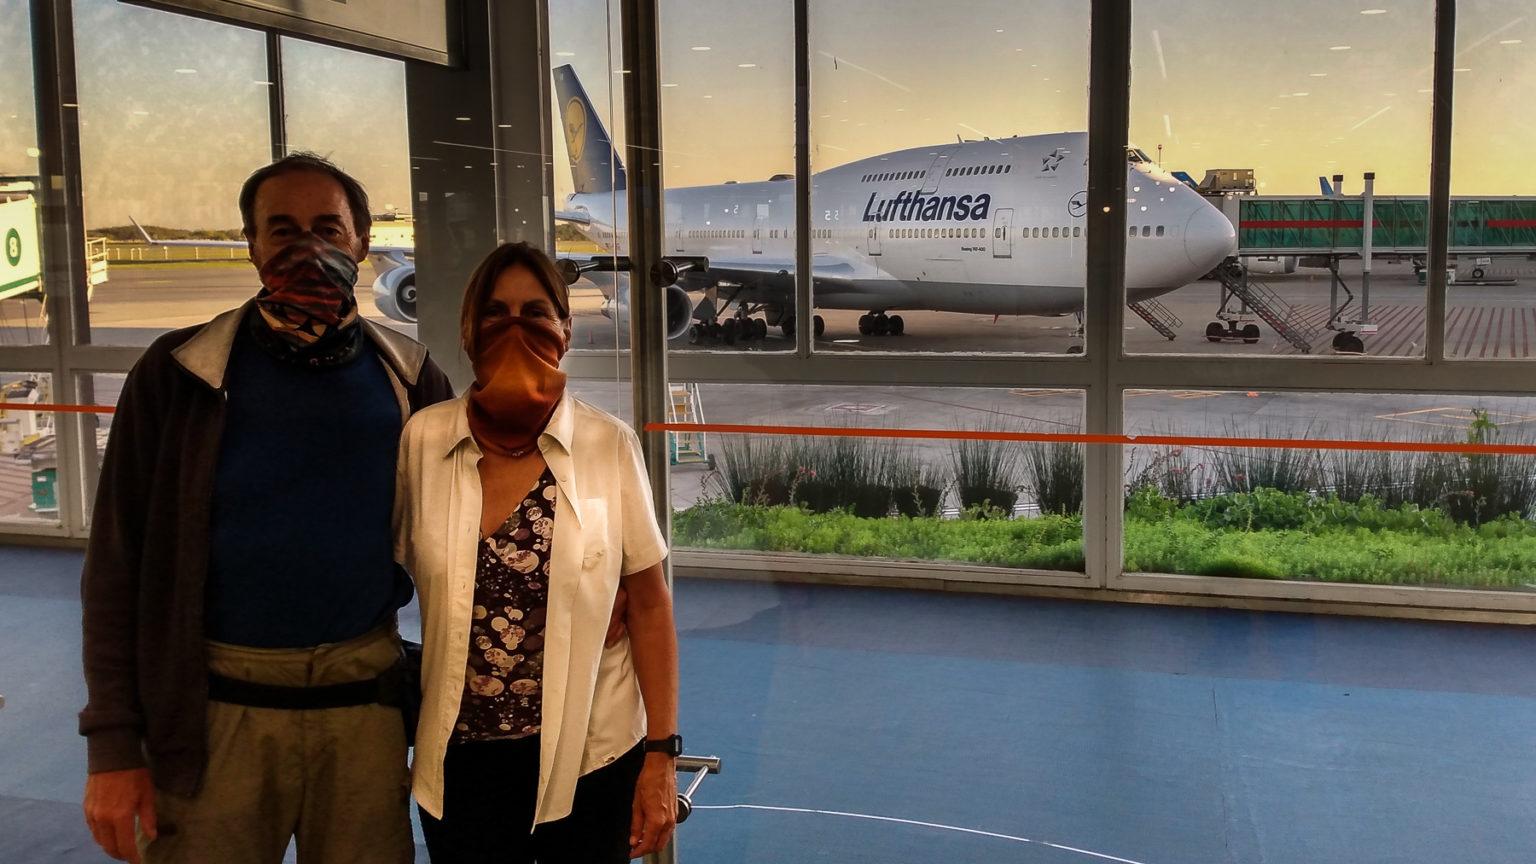 Abschied im Flughafen, draußen wartet unser Lufthansa Flieger nach Hause